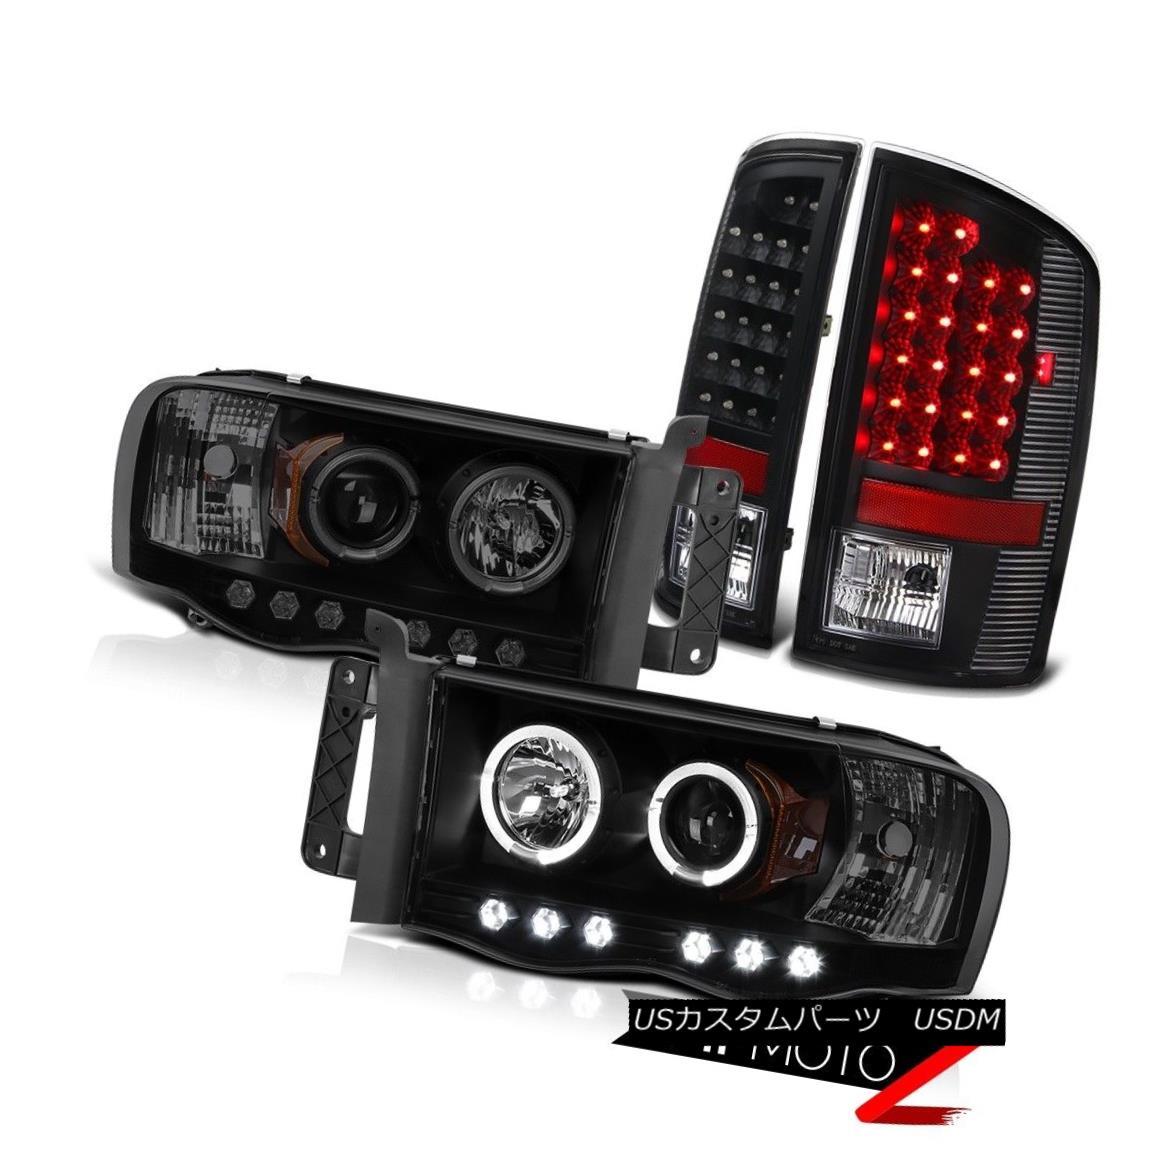 ヘッドライト 02-05 Ram Quad Cab Laramie LED Daytime Headlight Signal Brake Tail Light 02-05ラムクワッドキャブララミーLED昼間ヘッドライト信号ブレーキテールライト